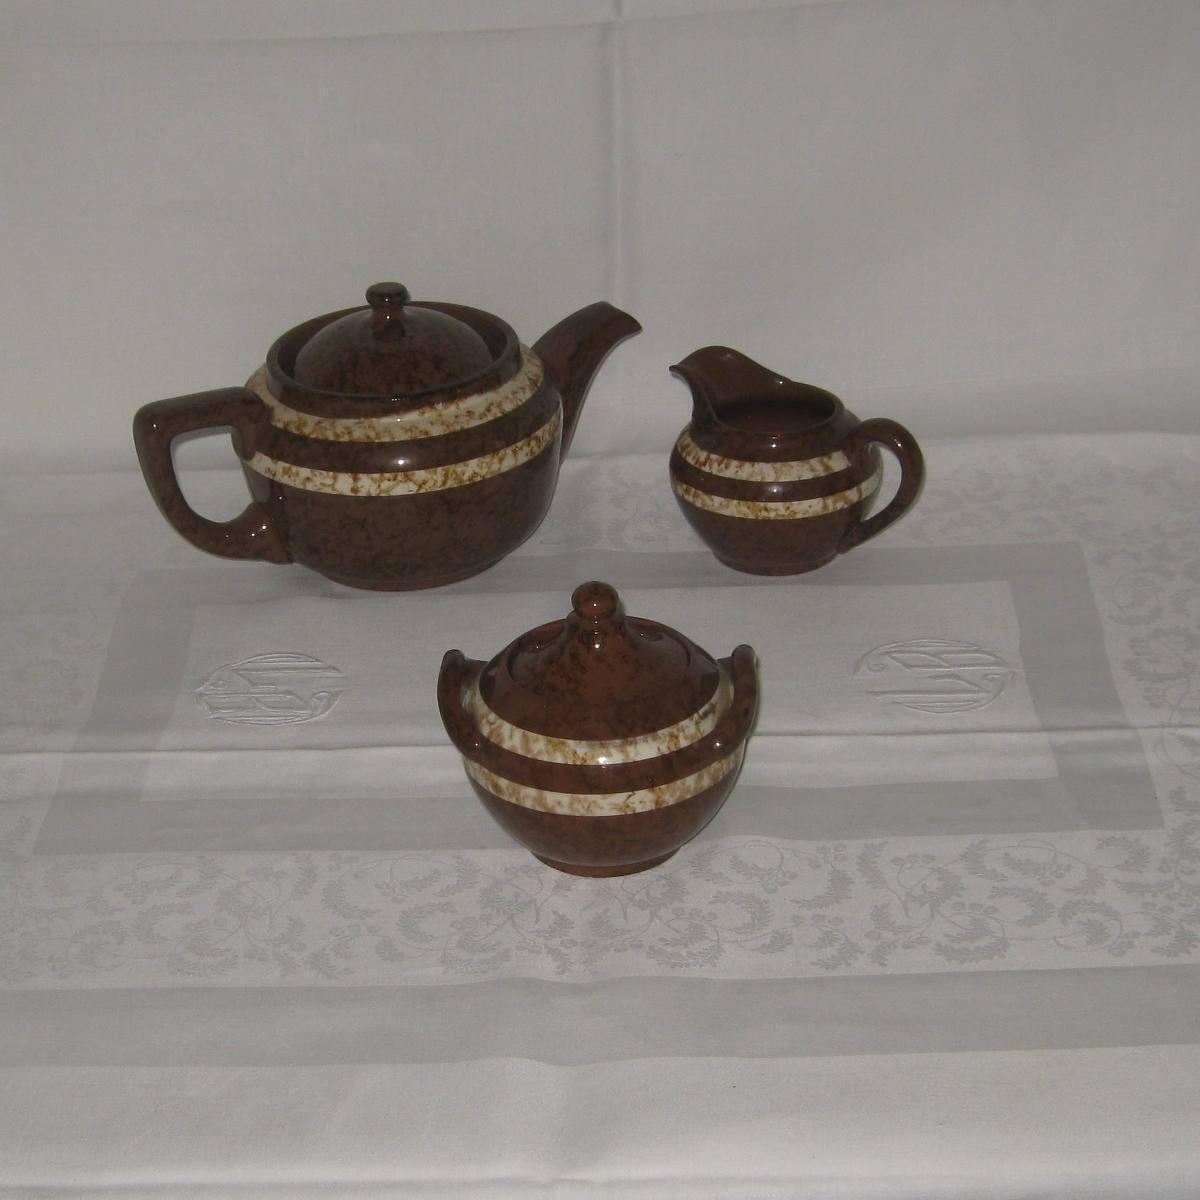 Cafetiere theiere un sucrier et un pot a lait digoin sarreguemines modele mary 1